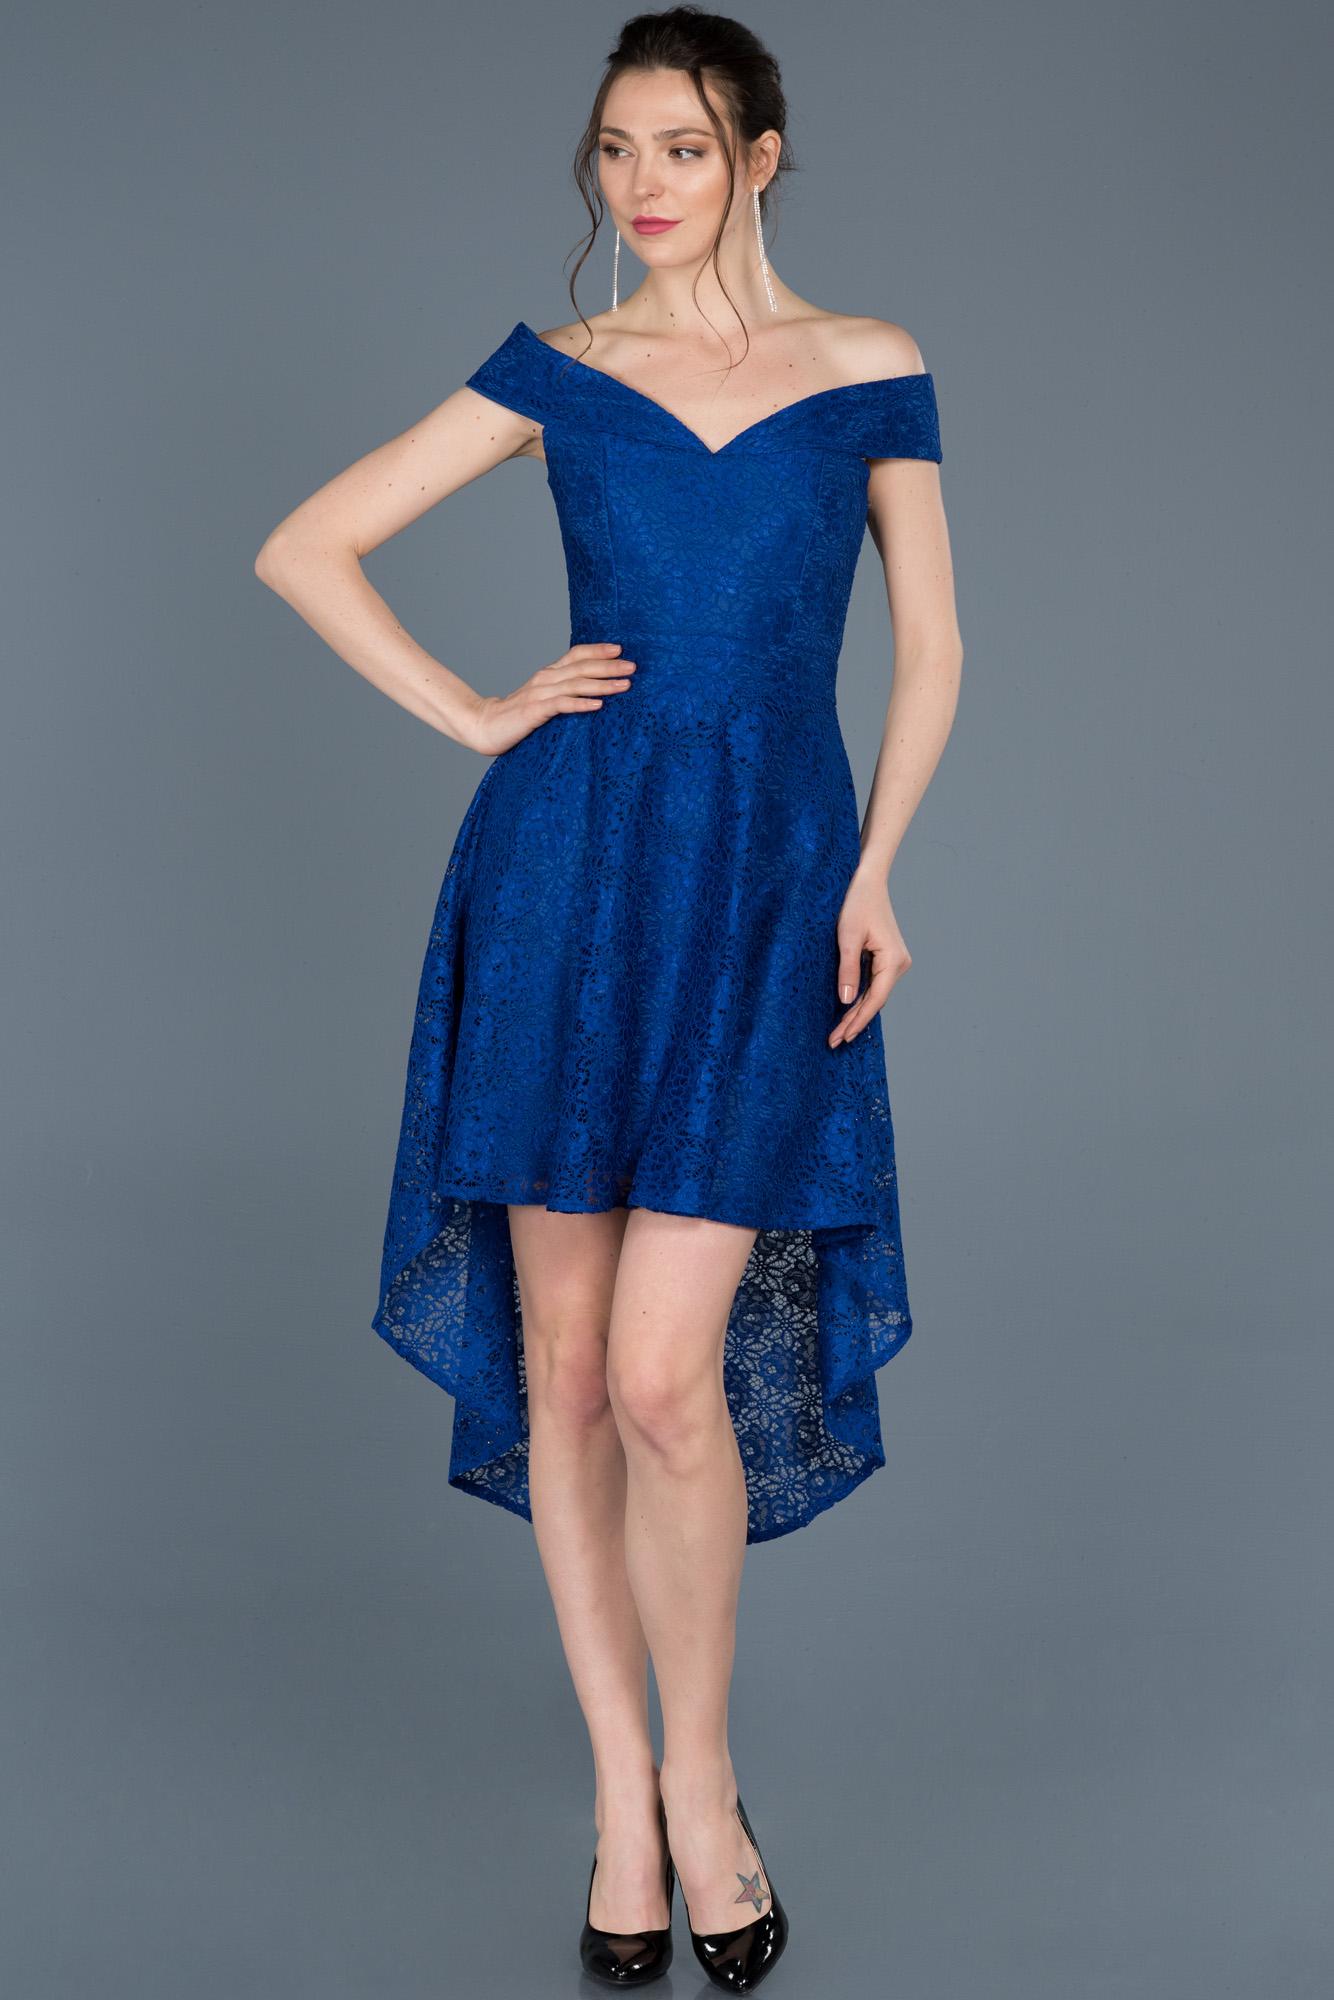 Saks Mavi Önü Kısa Arkası Uzun Güpürlü Davet Elbisesi